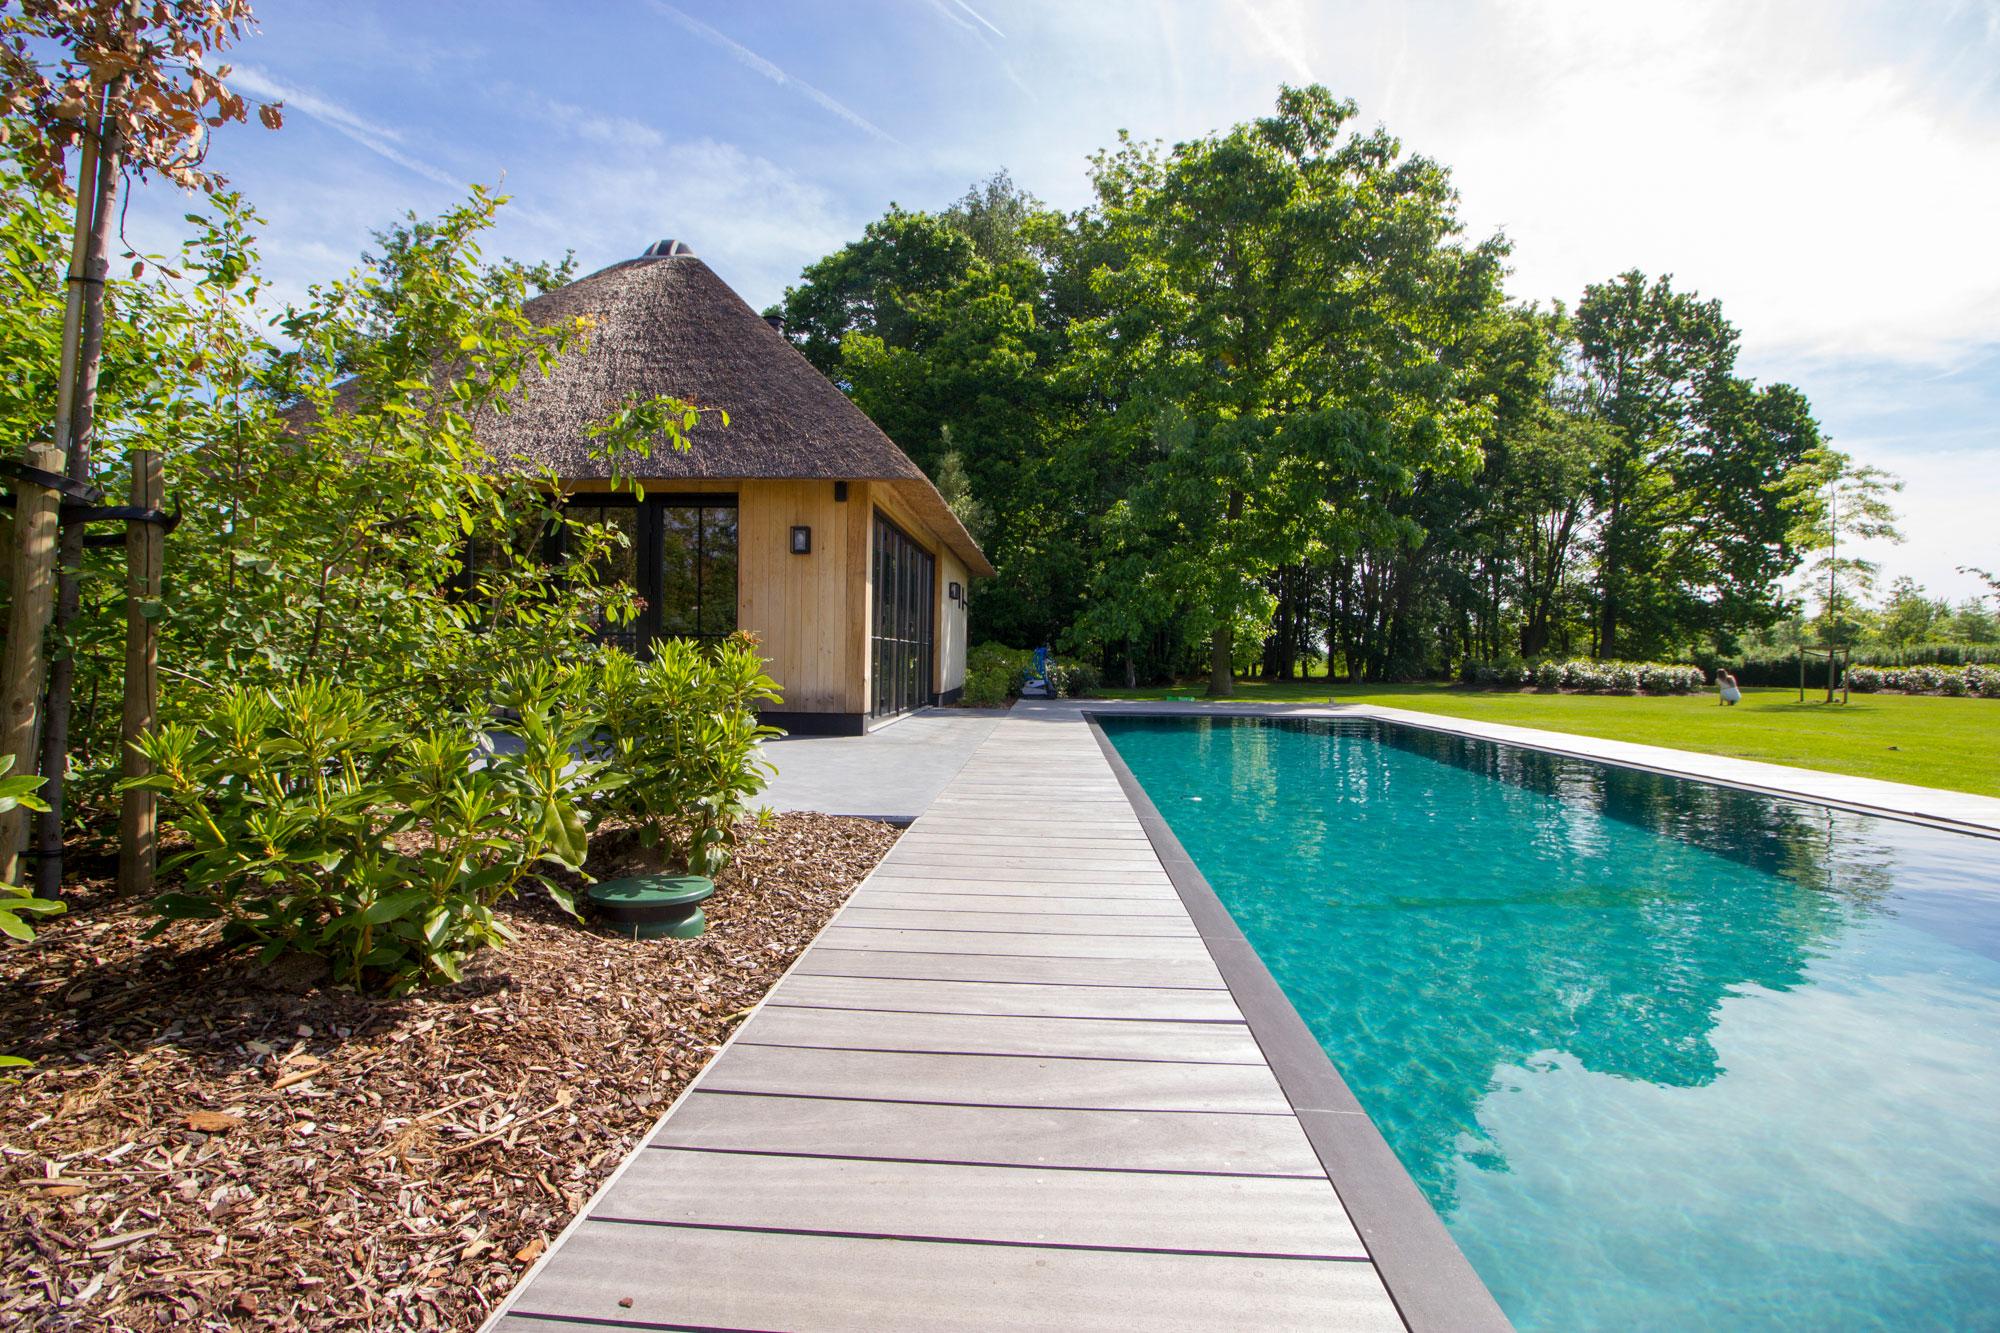 Tuin met zwembad tuinen koen vermeulen for Afmetingen zwembad tuin